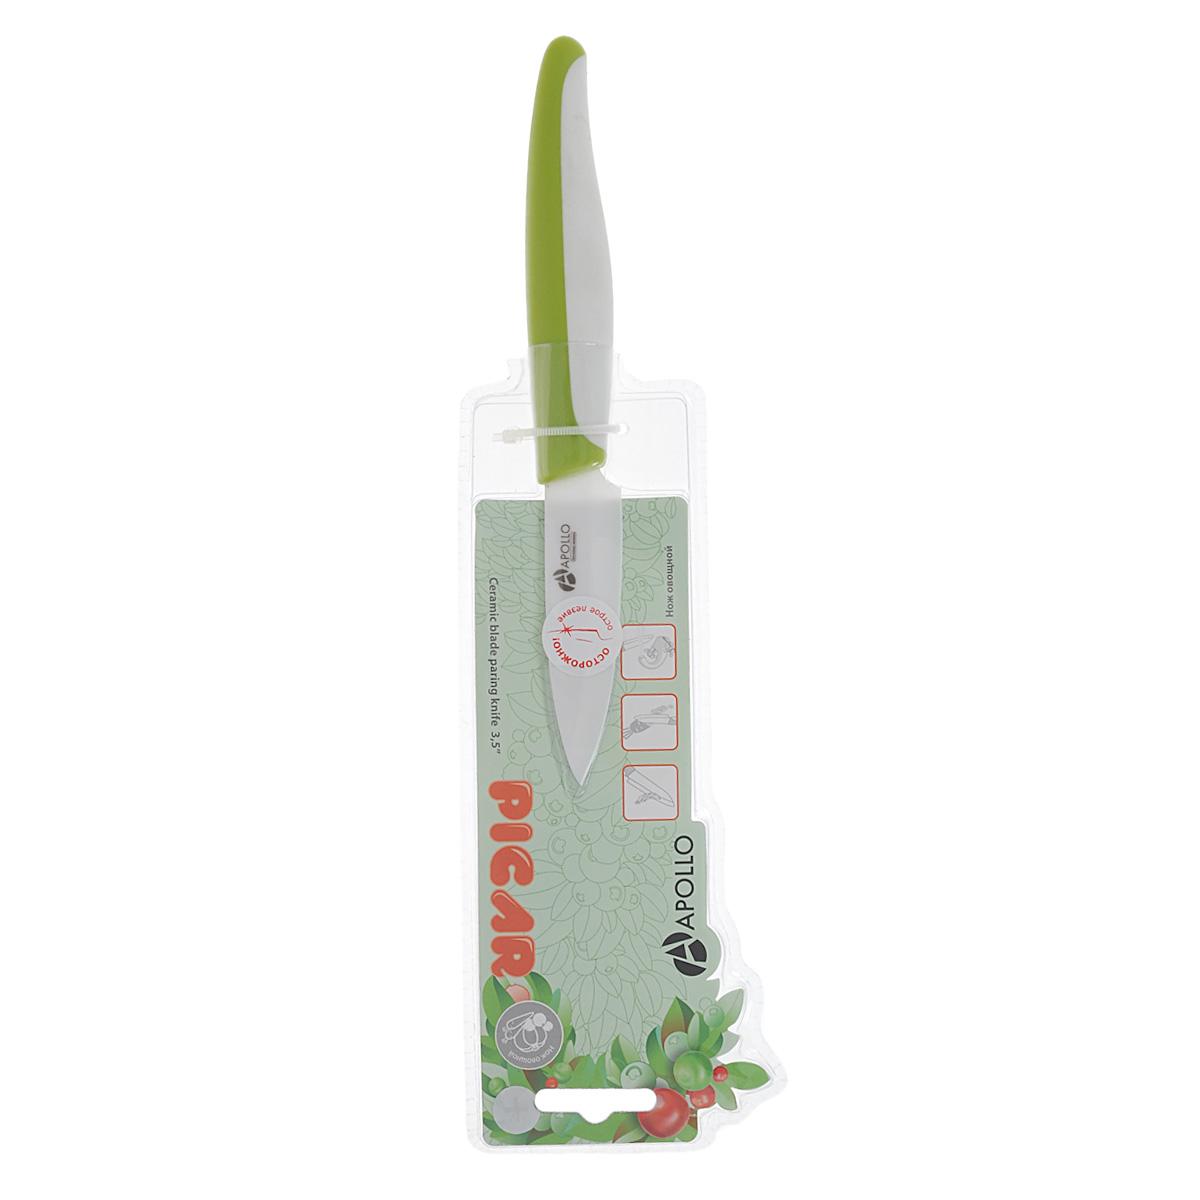 Нож для чистки овощей Apollo Picar, керамический, цвет: салатовый, длина лезвия 7,5 смPCR-03салатовыйНож Apollo Picar изготовлен из высококачественной циркониевой керамики - гигиеничного, экологически чистого материала. Нож имеет острое лезвие, не требующее дополнительной заточки. Эргономичная рукоятка выполнена из высококачественного пищевого пластика. Рукоятка не скользит в руках и делает резку удобной и безопасной. Такой нож превосходно подходит для чистки различных овощей и фруктов. Керамика - это отличная альтернатива металлу. В отличие от стальных ножей, керамические ножи не переносят ионы металла в пищу, не разрушаются от кислот овощей и фруктов и никогда не заржавеют. Этот нож будет служить вам многие годы при соблюдении простых правил.Допускается мытье в горячей воде с моющими средствами. Ввиду хрупкости материала, используйте нож бережно. Общая длина ножа: 19 см.